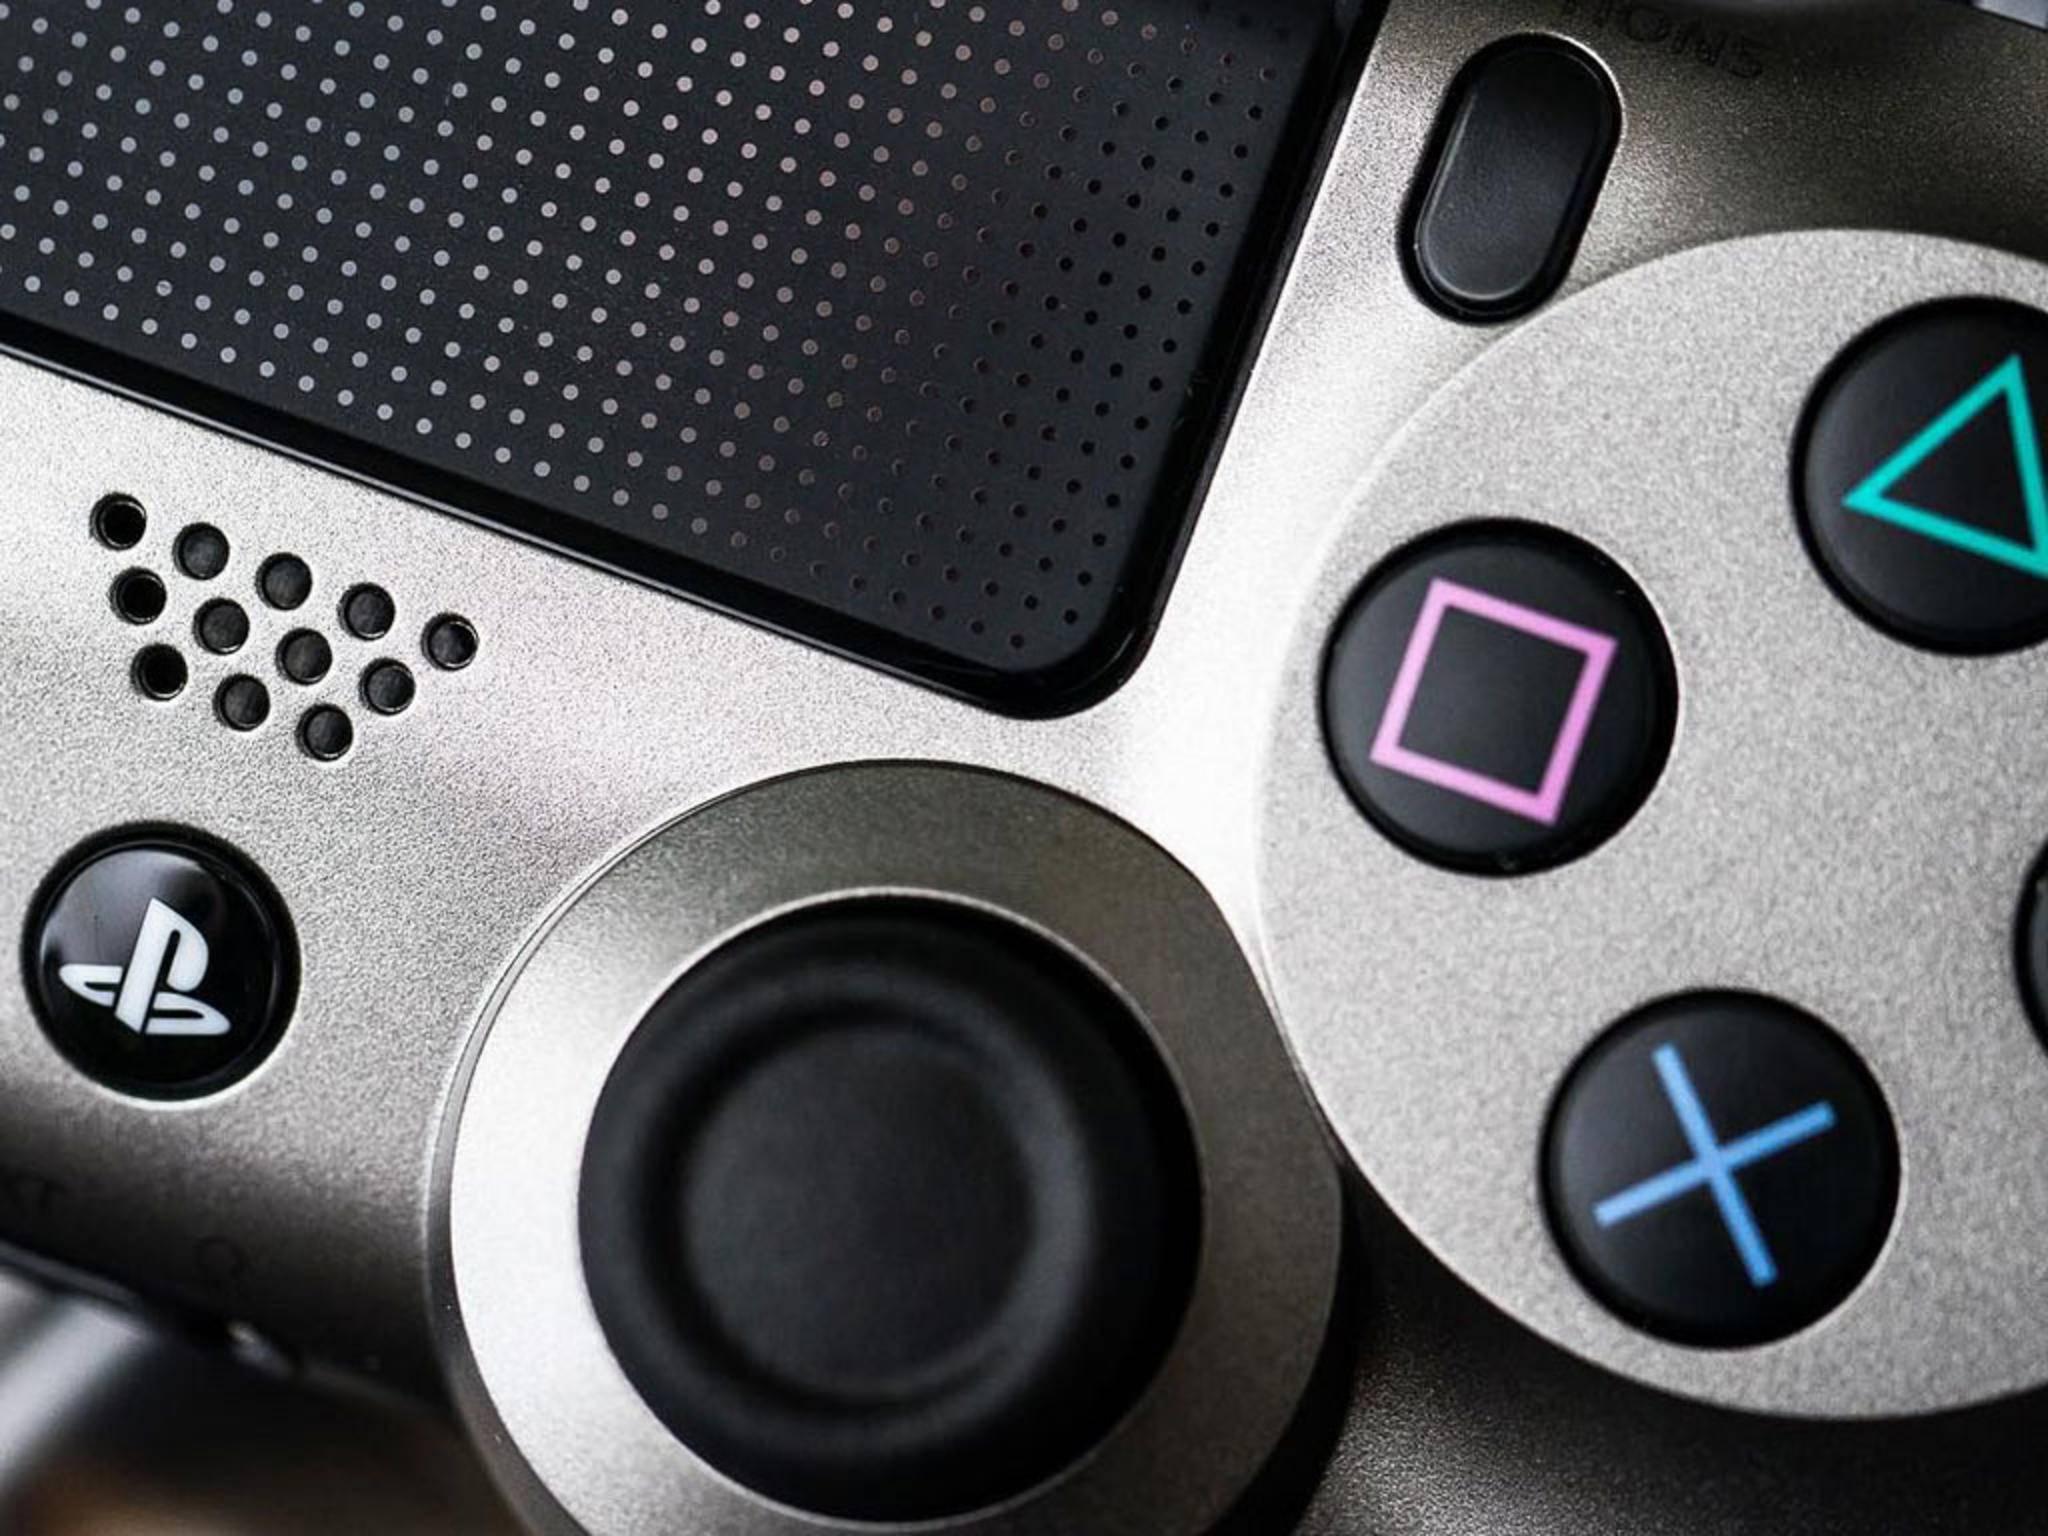 Die PS4 verwendet Codes aus Buchstabenkürzeln und Zahlen für Fehler-Infos.